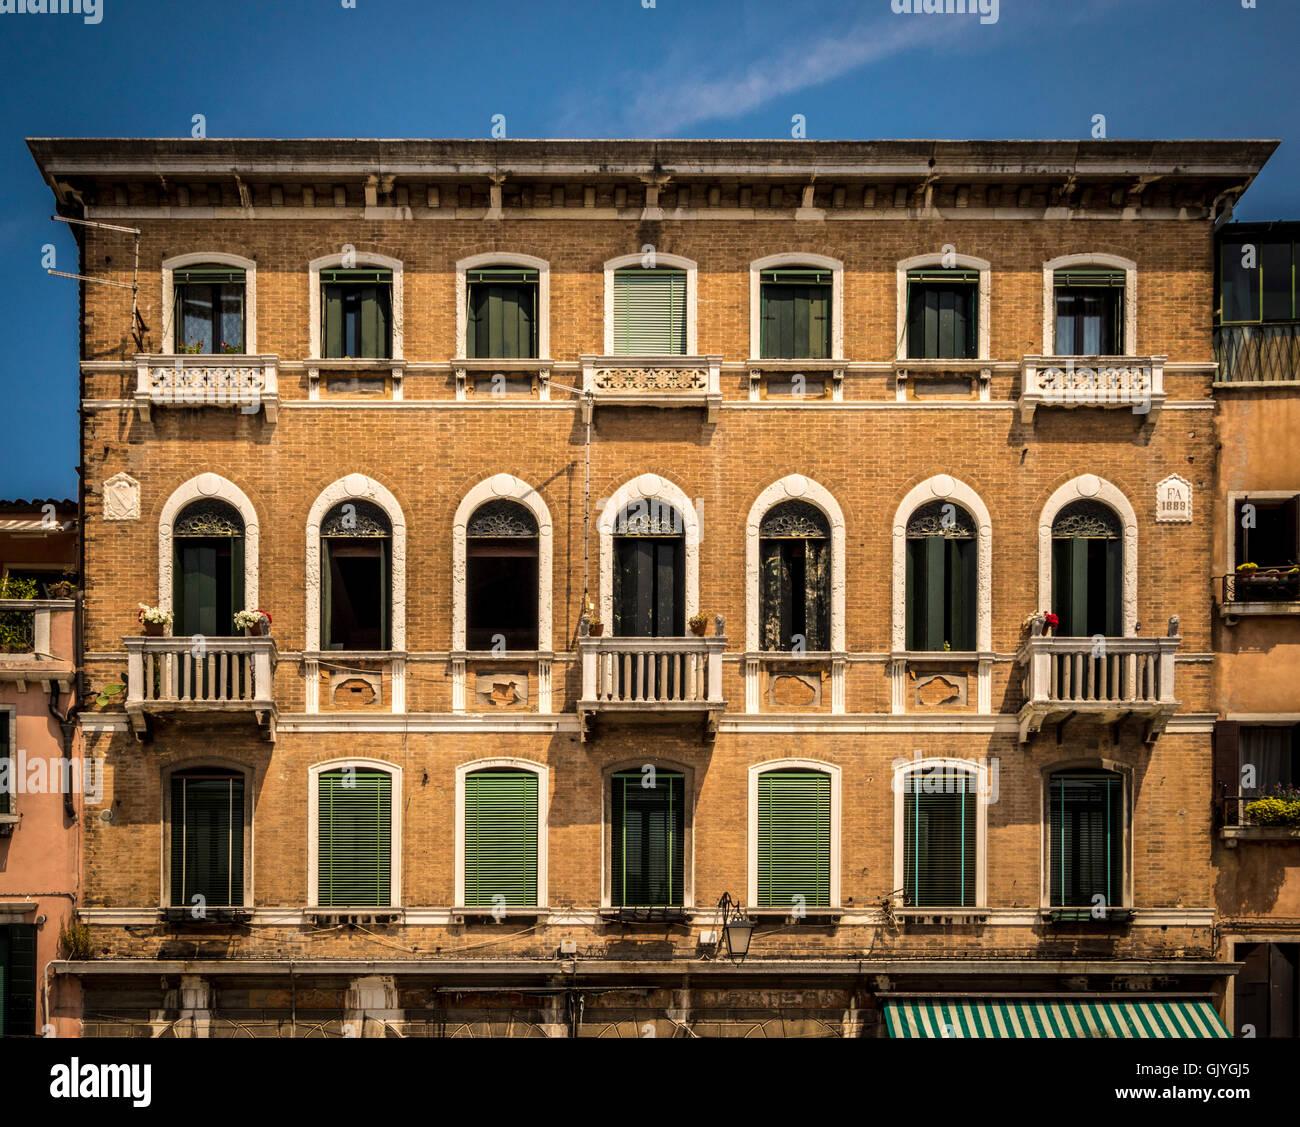 Edificio tradizionale in mattoni con le veneziane presso la finestre ad arco. Immagini Stock